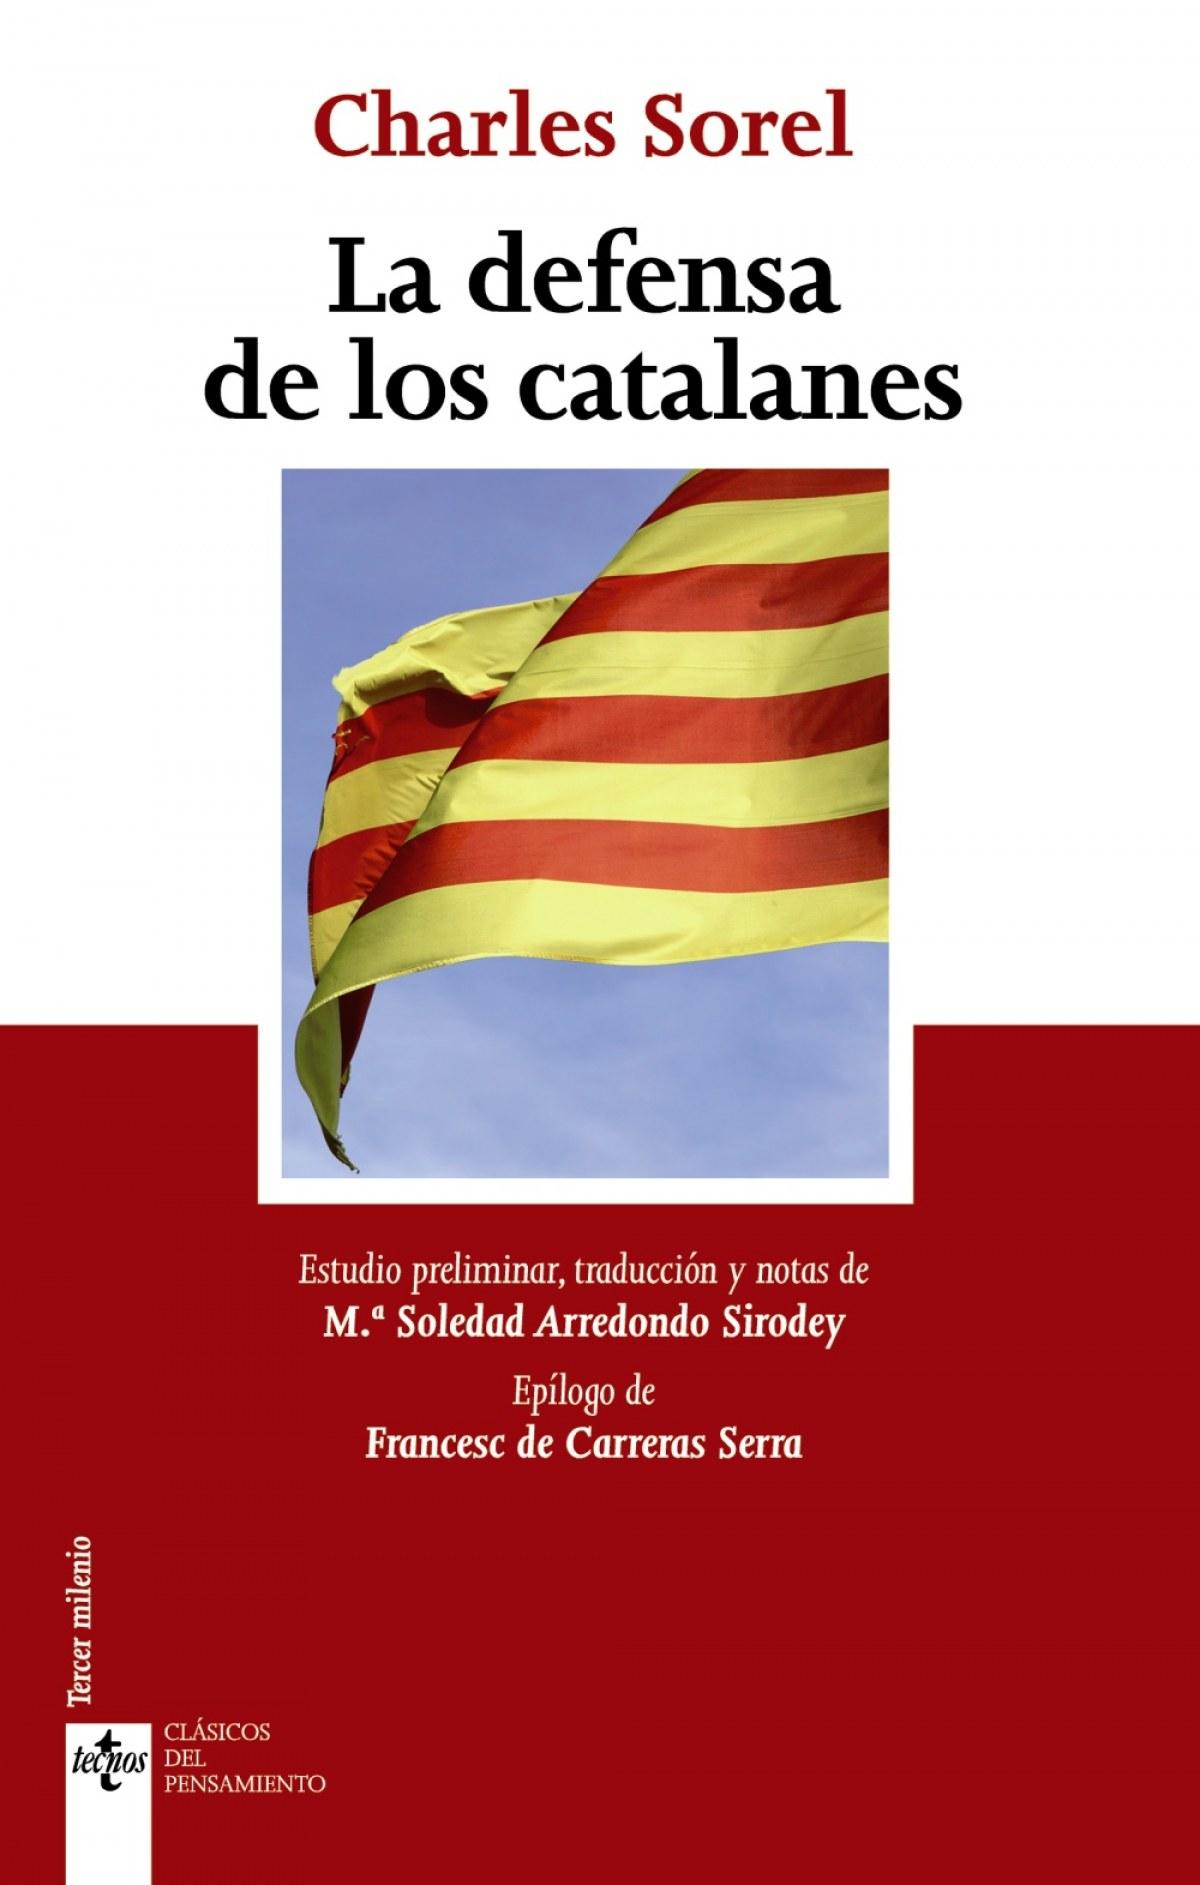 La defensa de los catalanes